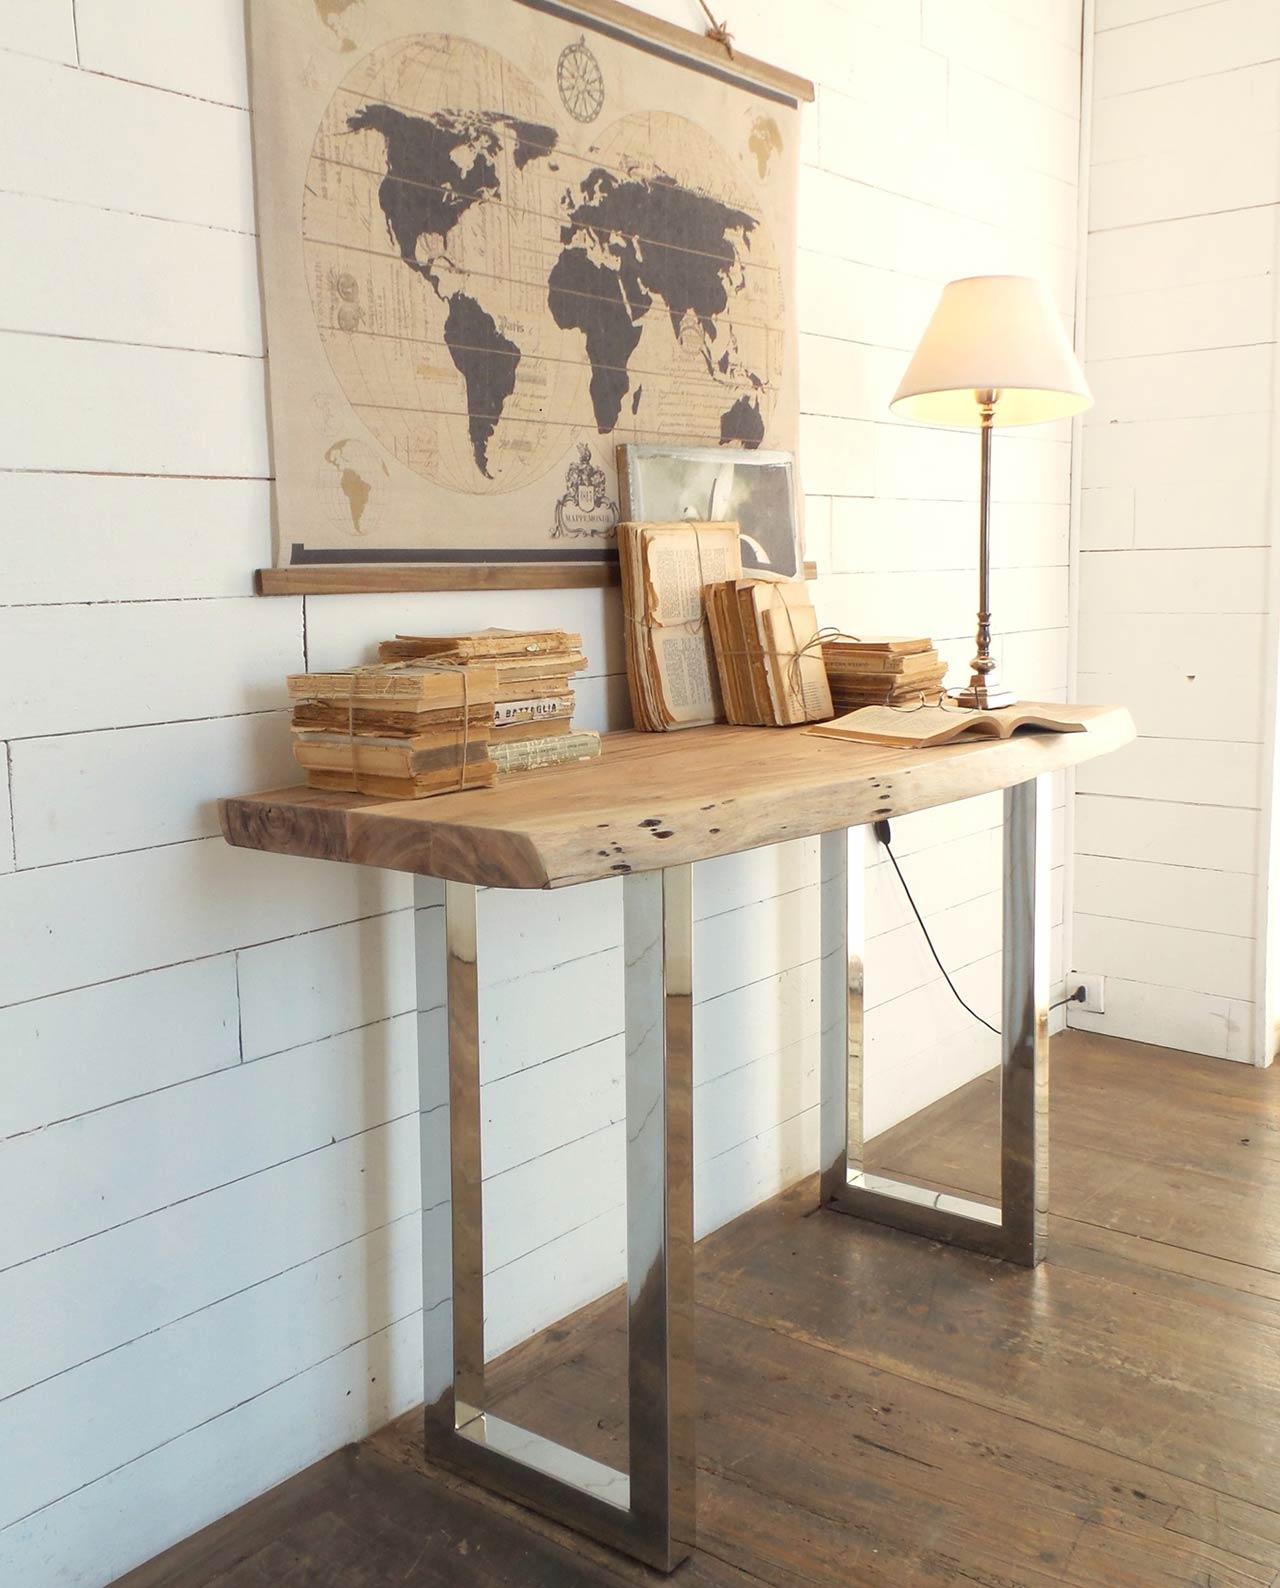 Consolle di design legno e acciaio mobilia store home for Consolle di design